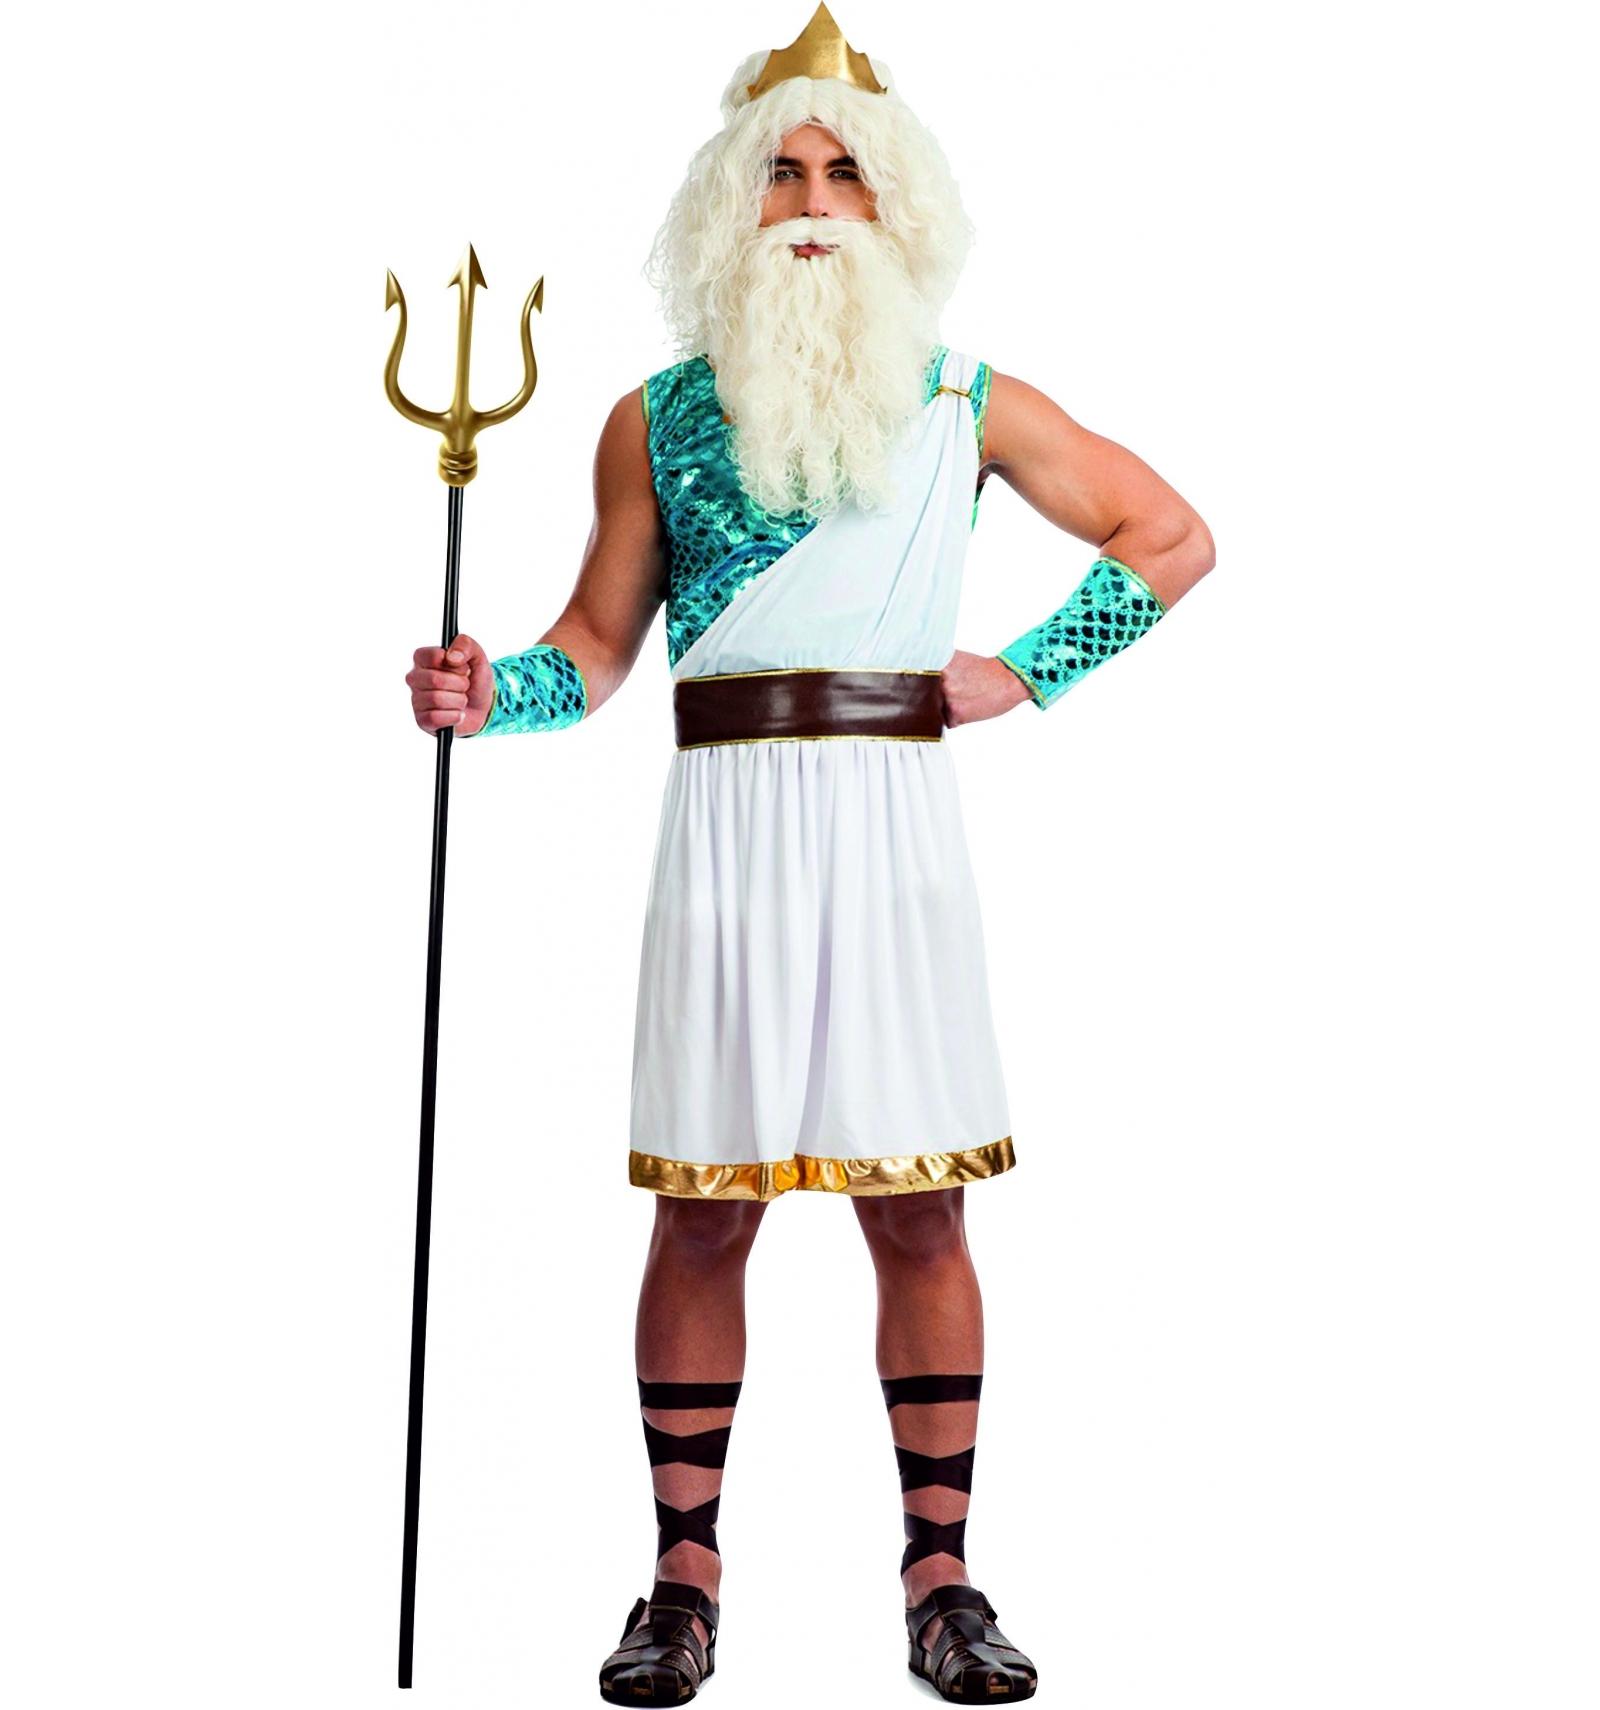 D guisement dieu de la mer votre magasin de costumes en ligne - Theme de deguisement ...